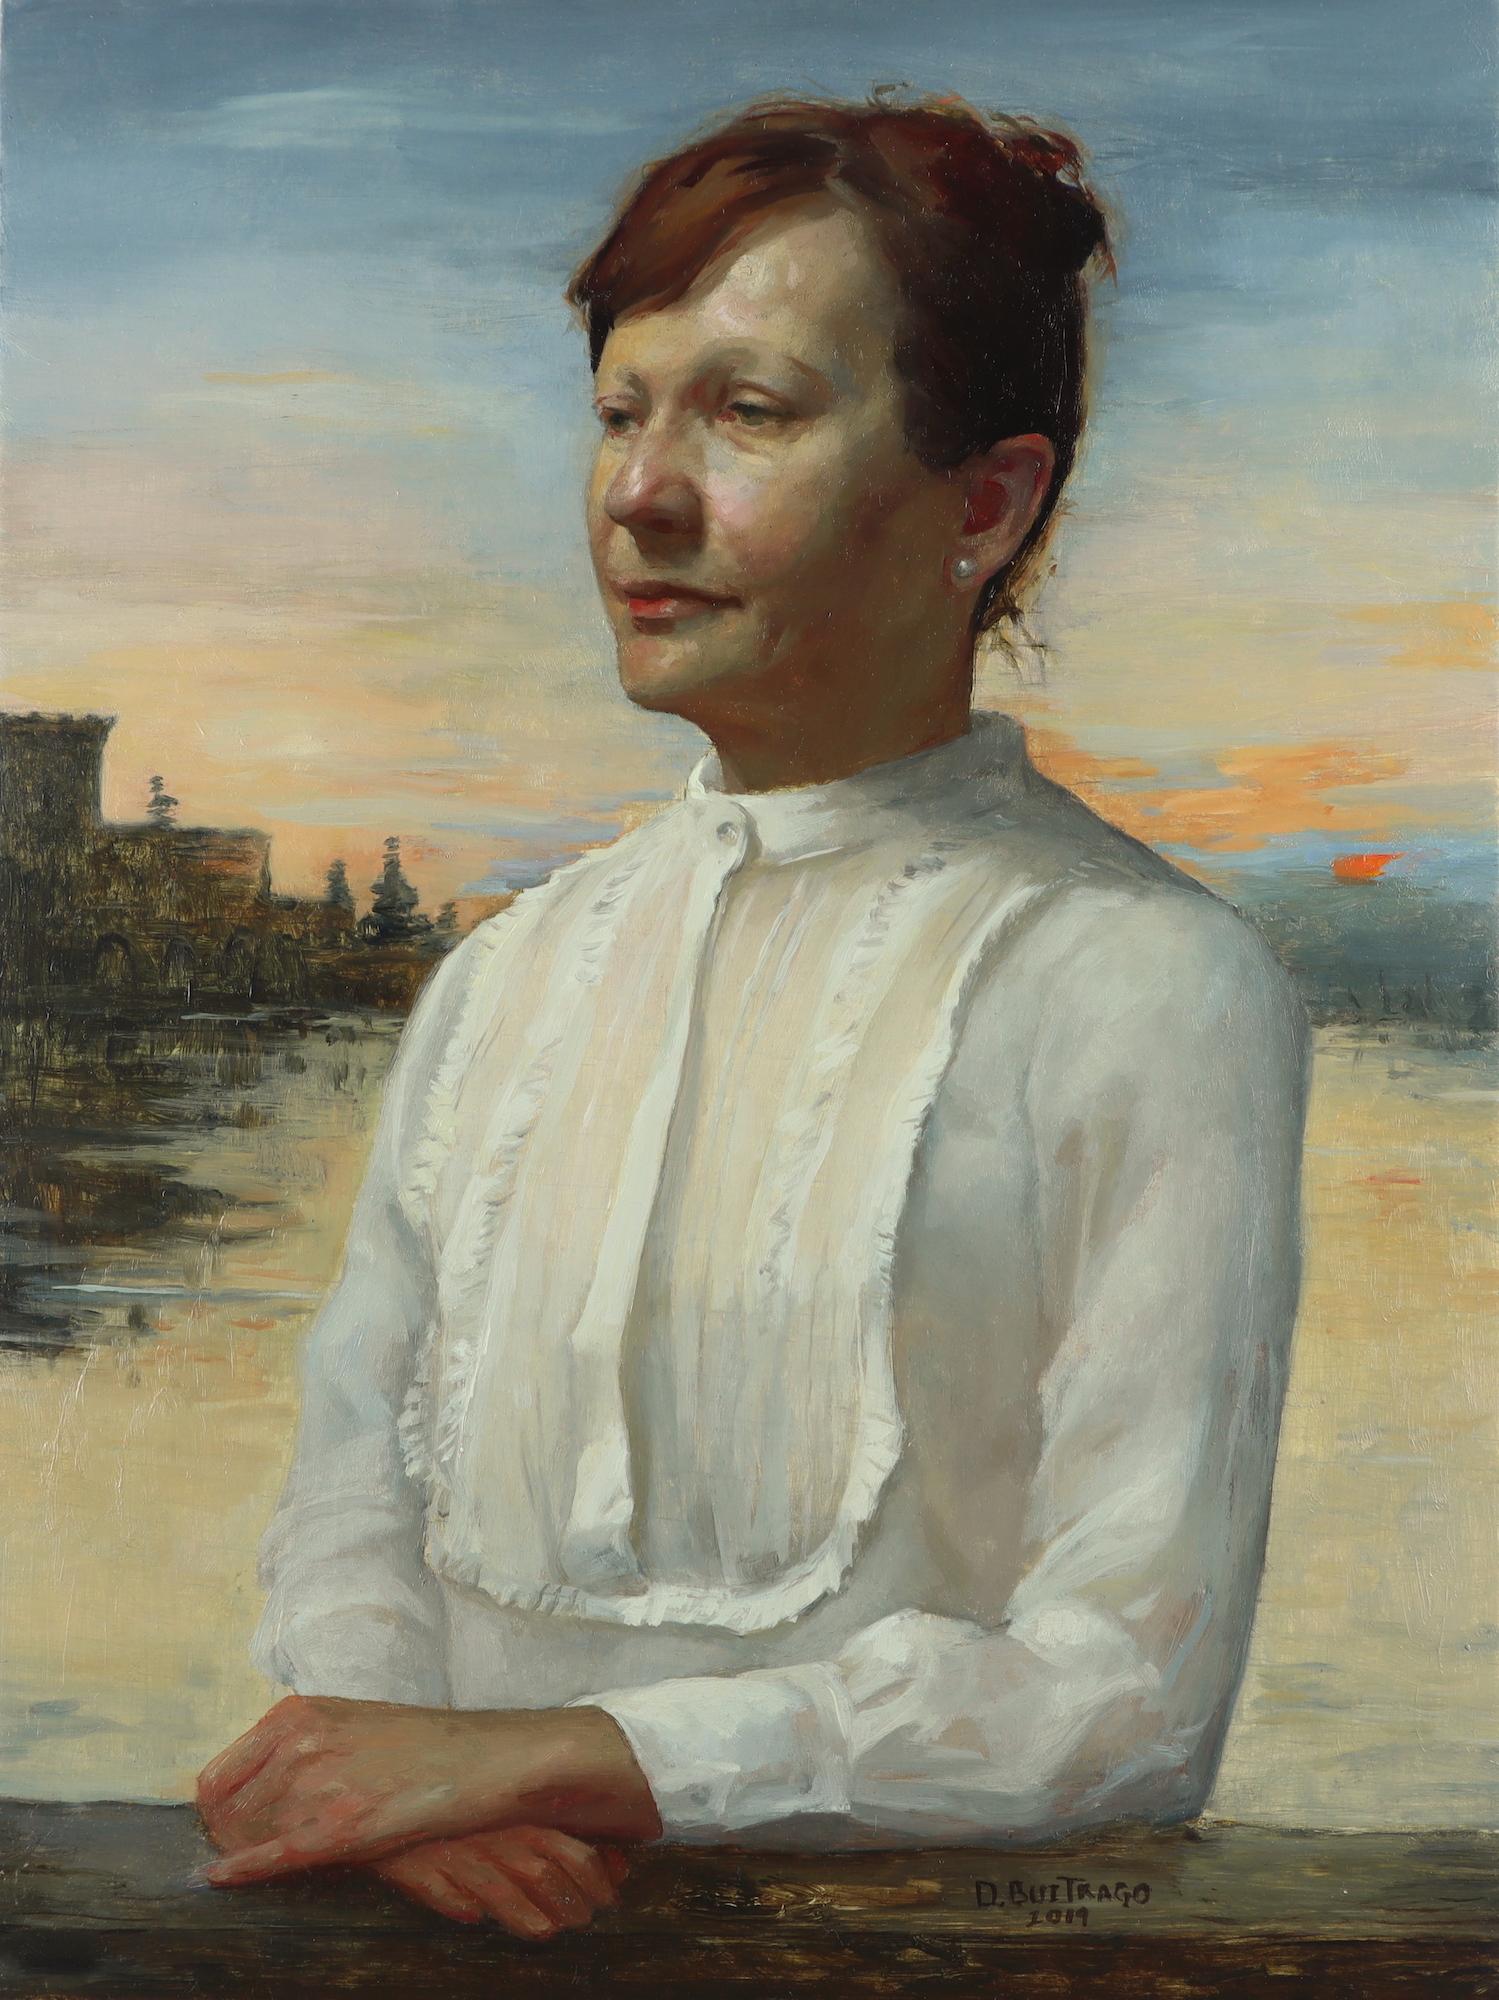 """""""Marina"""" by Diana Buitrago, oil on panel, 12 x 9"""